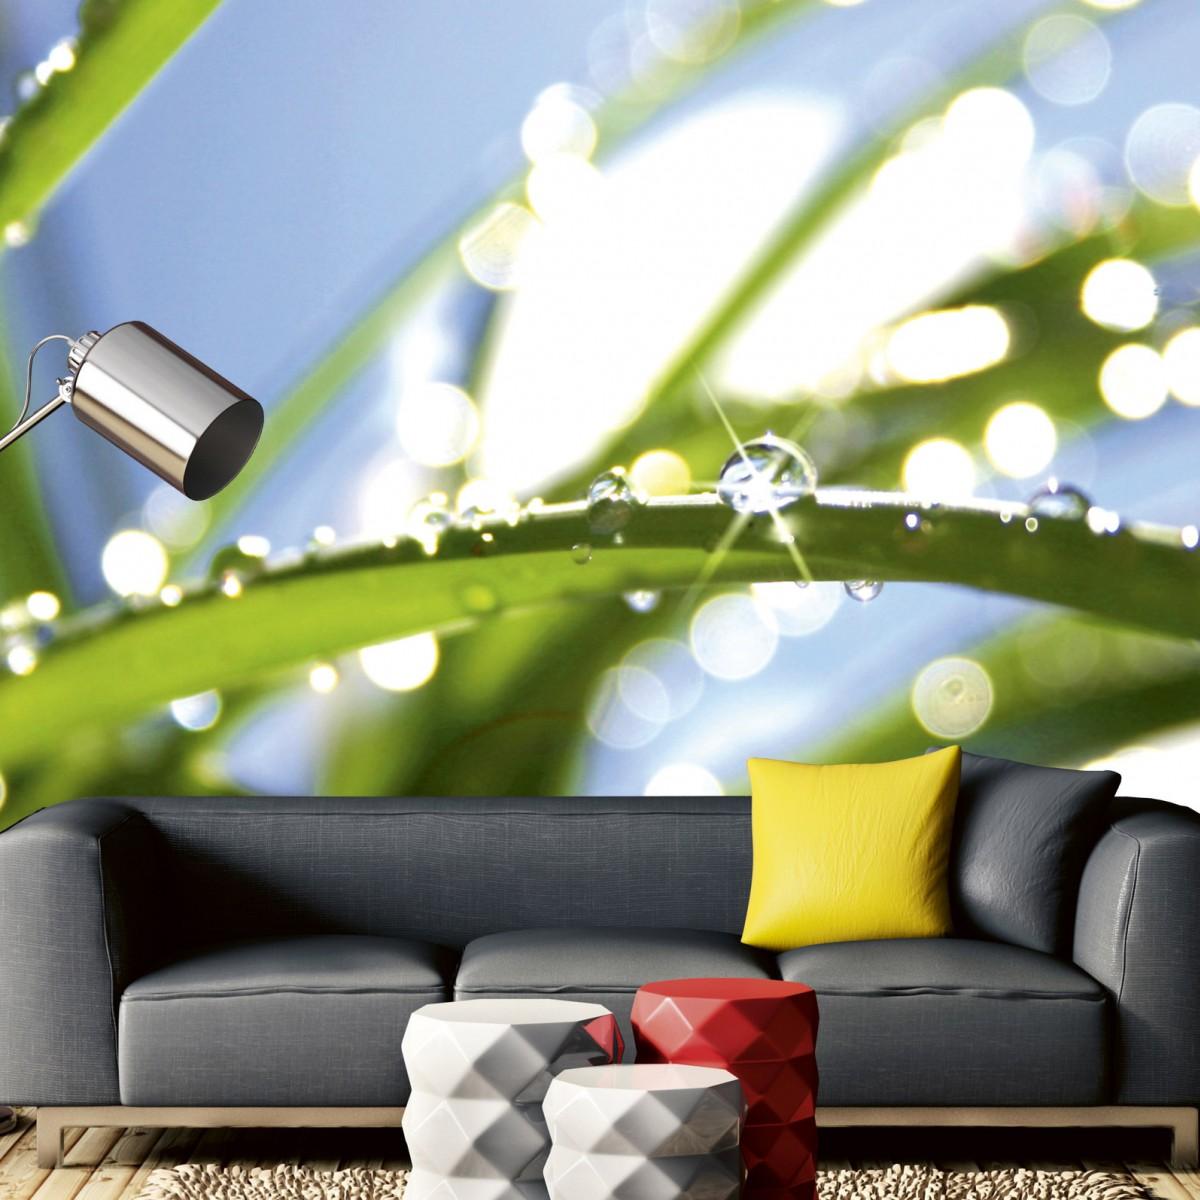 Foto tapet 3D Grass, Dimex, 5 fâșii, 375 x 250cm